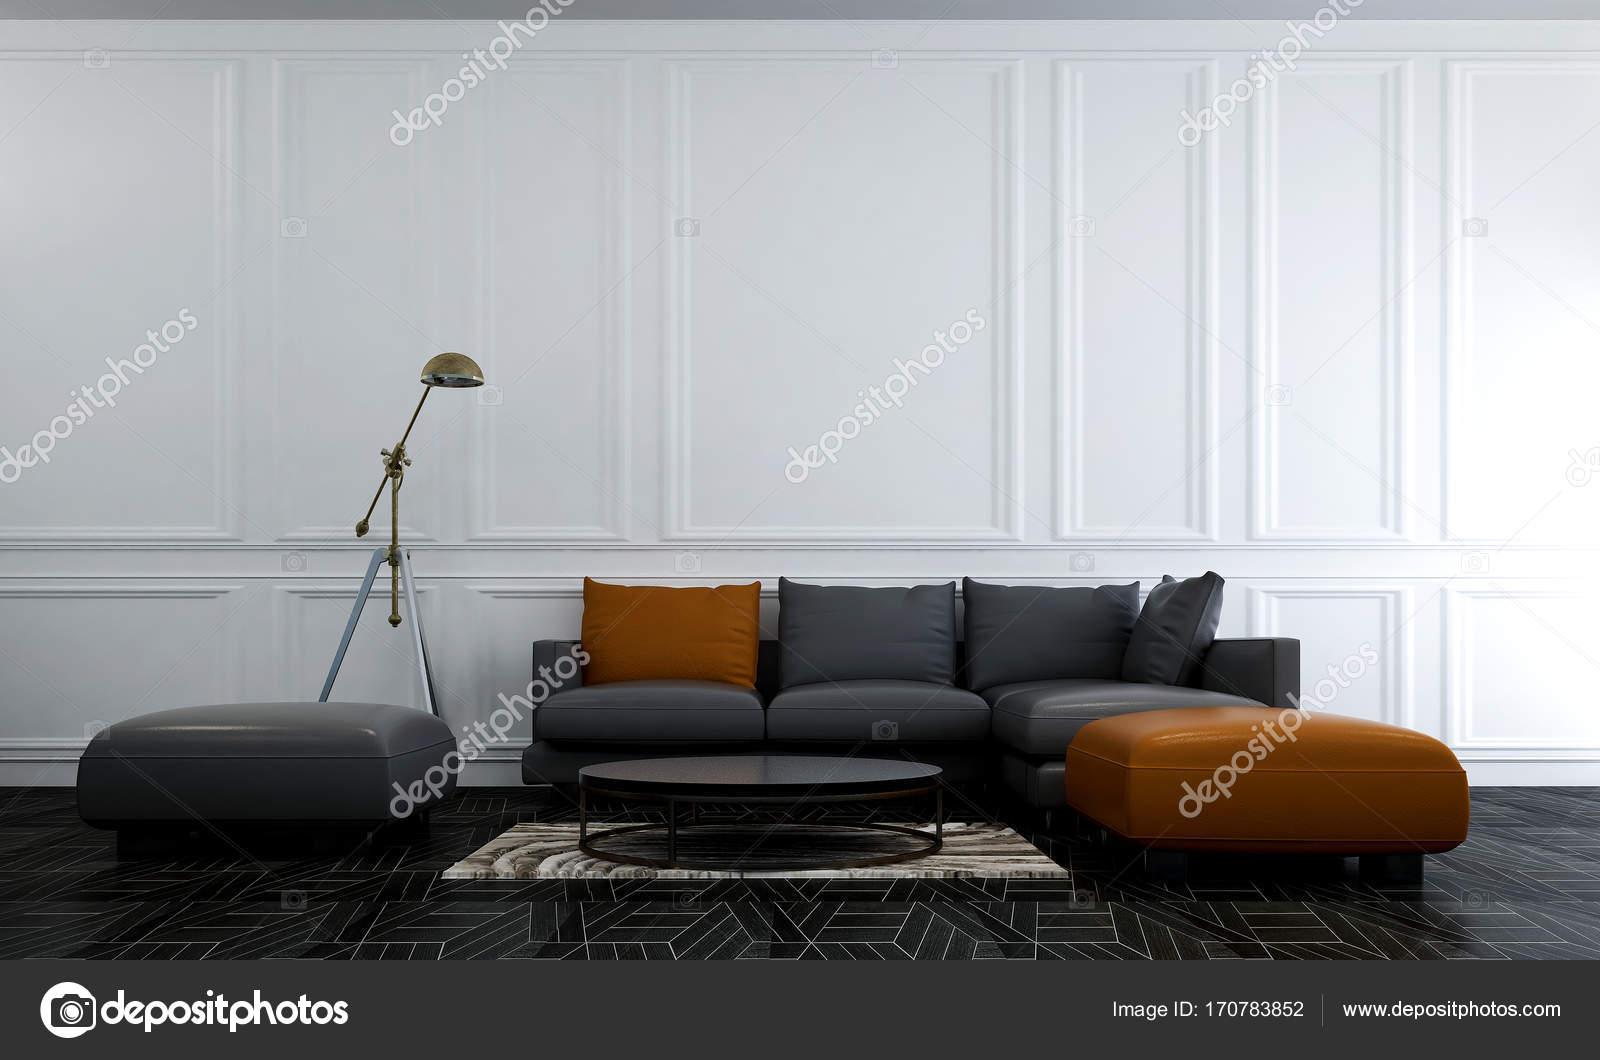 Er Innenarchitektur Wohnzimmer, moderne Lounge-Sofa und Wand ...